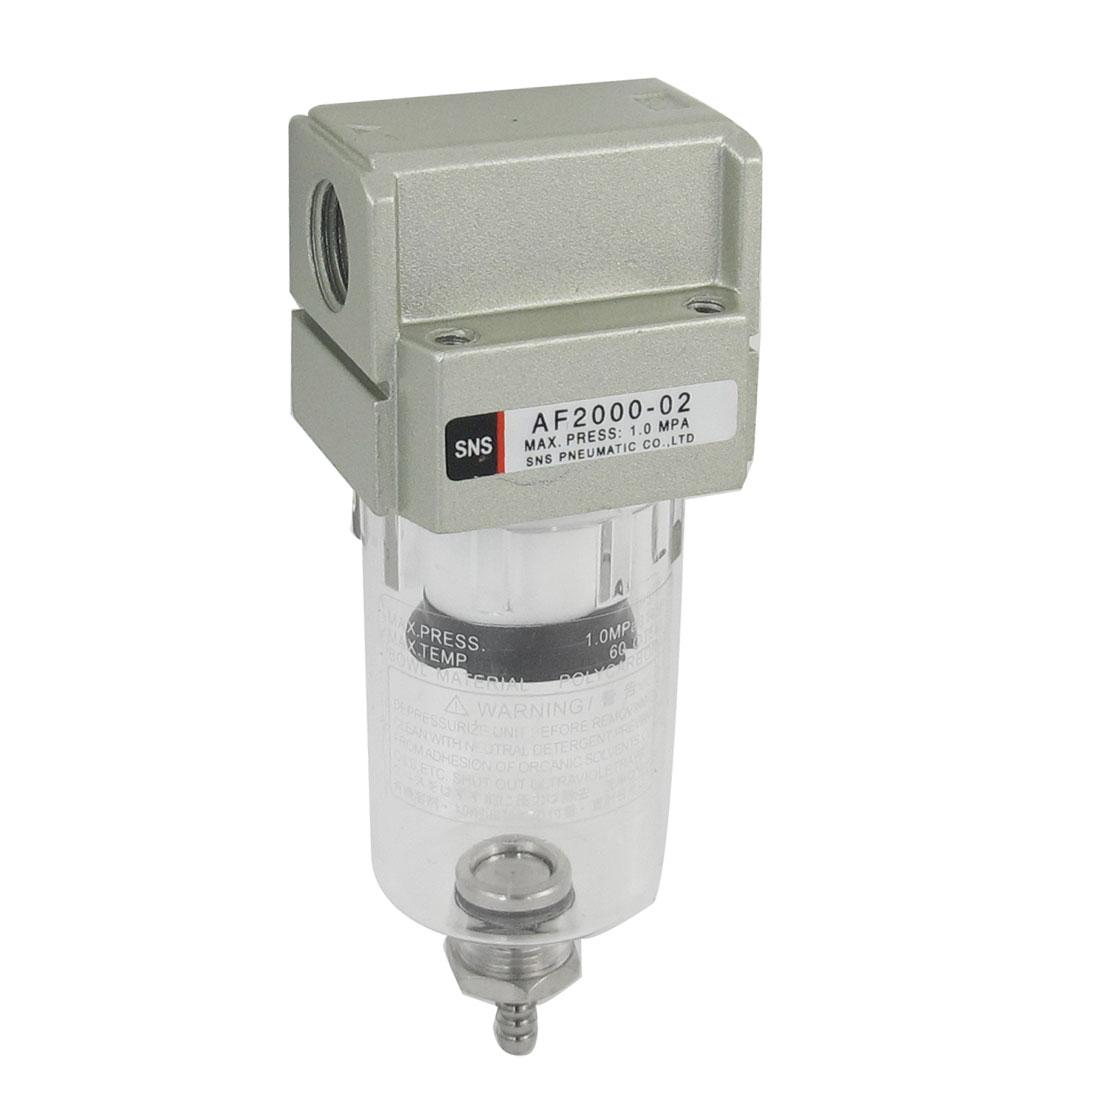 AF2000-02 Compressor Pressure Regulator Pneumatic Air Filter 1/4 Inch PT